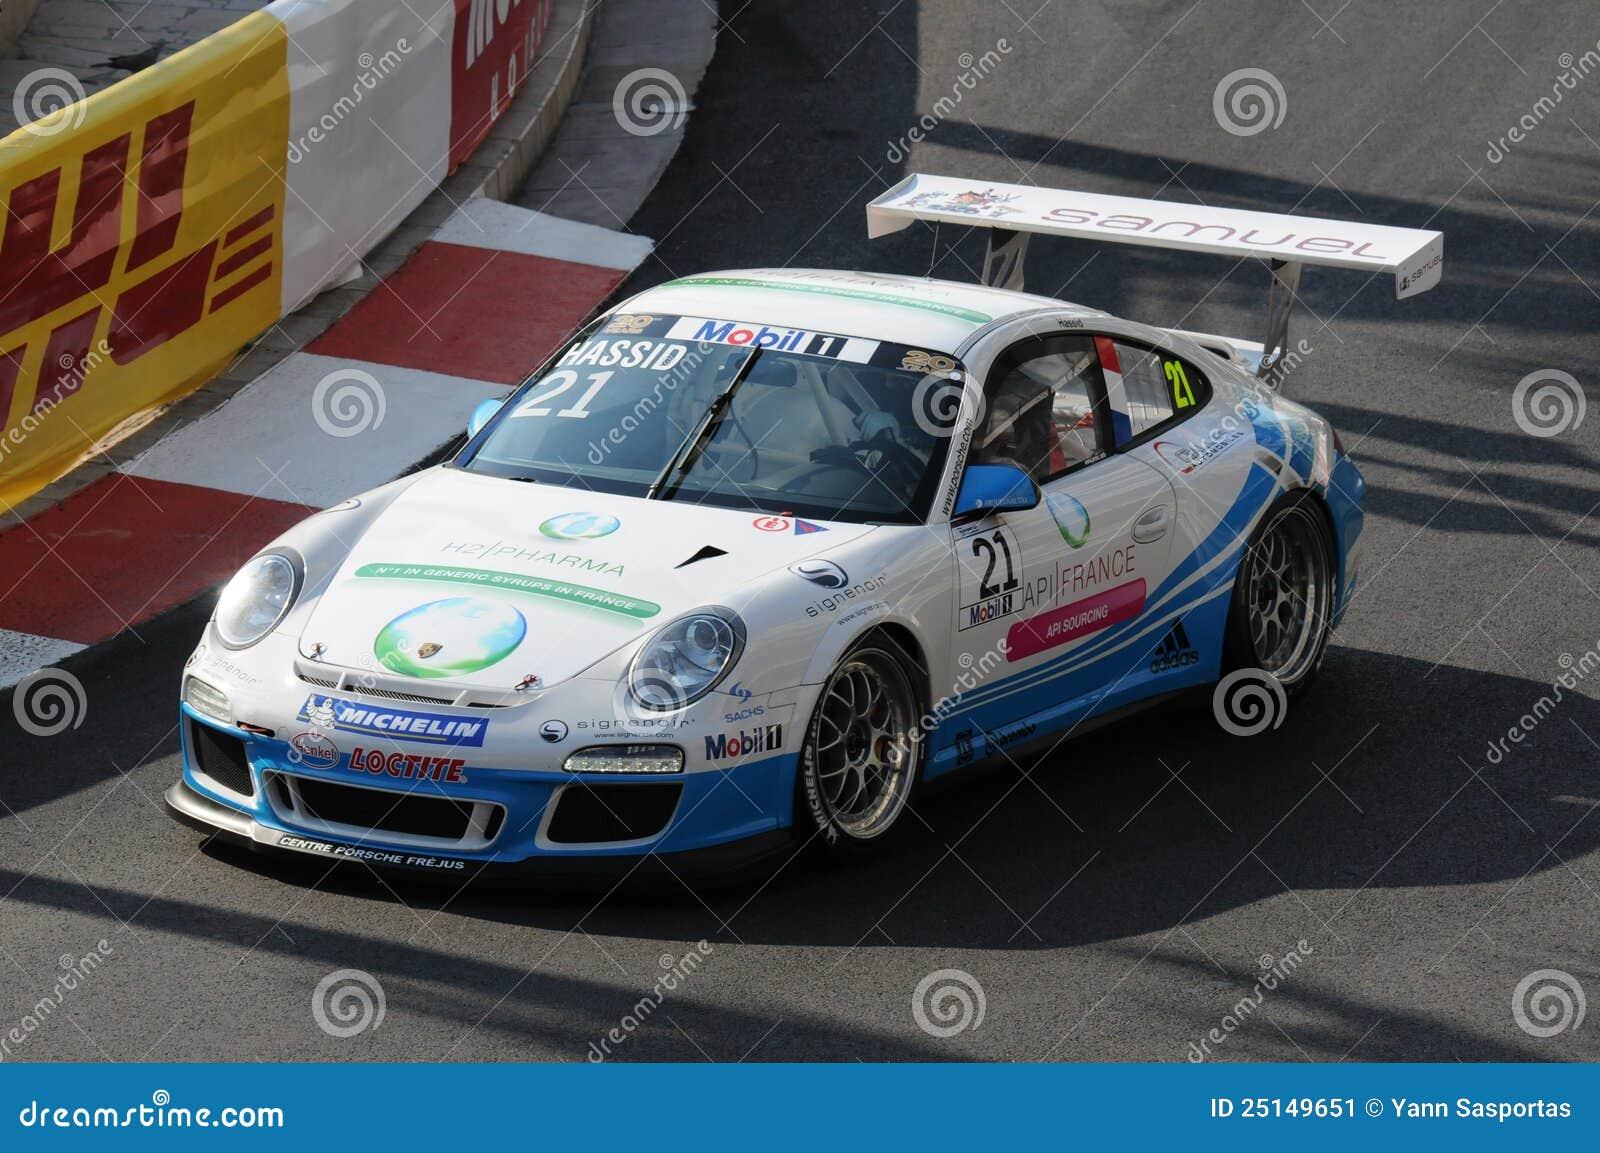 Supercup Monaco della Porsche